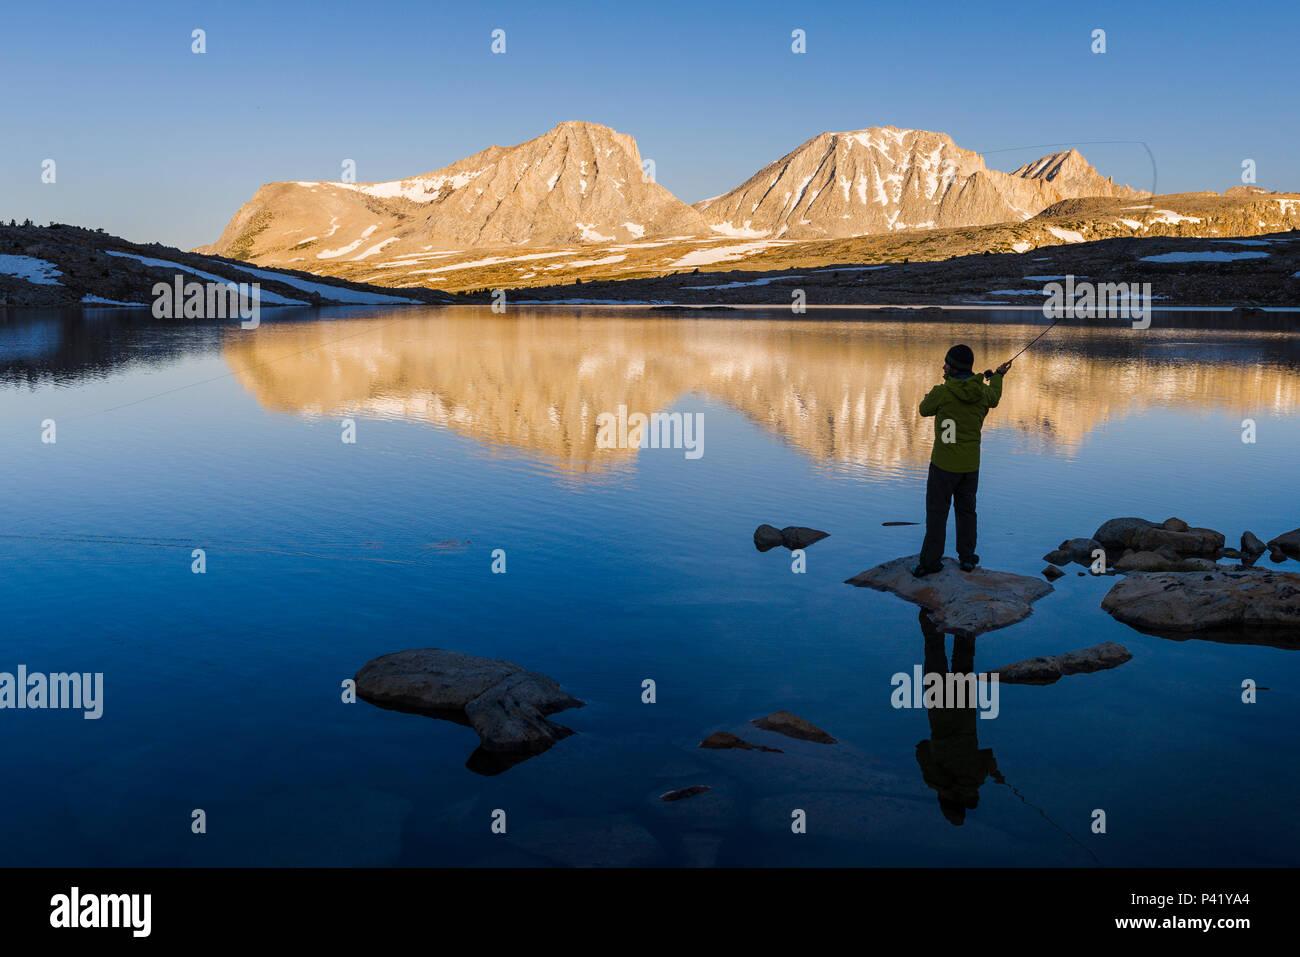 Lever du soleil au lac de pêche de mouche français avec les réflexions de Merriam, pic pic pic et Plume Royce dans la haute Sierra montagnes près de Canyon français. Photo Stock